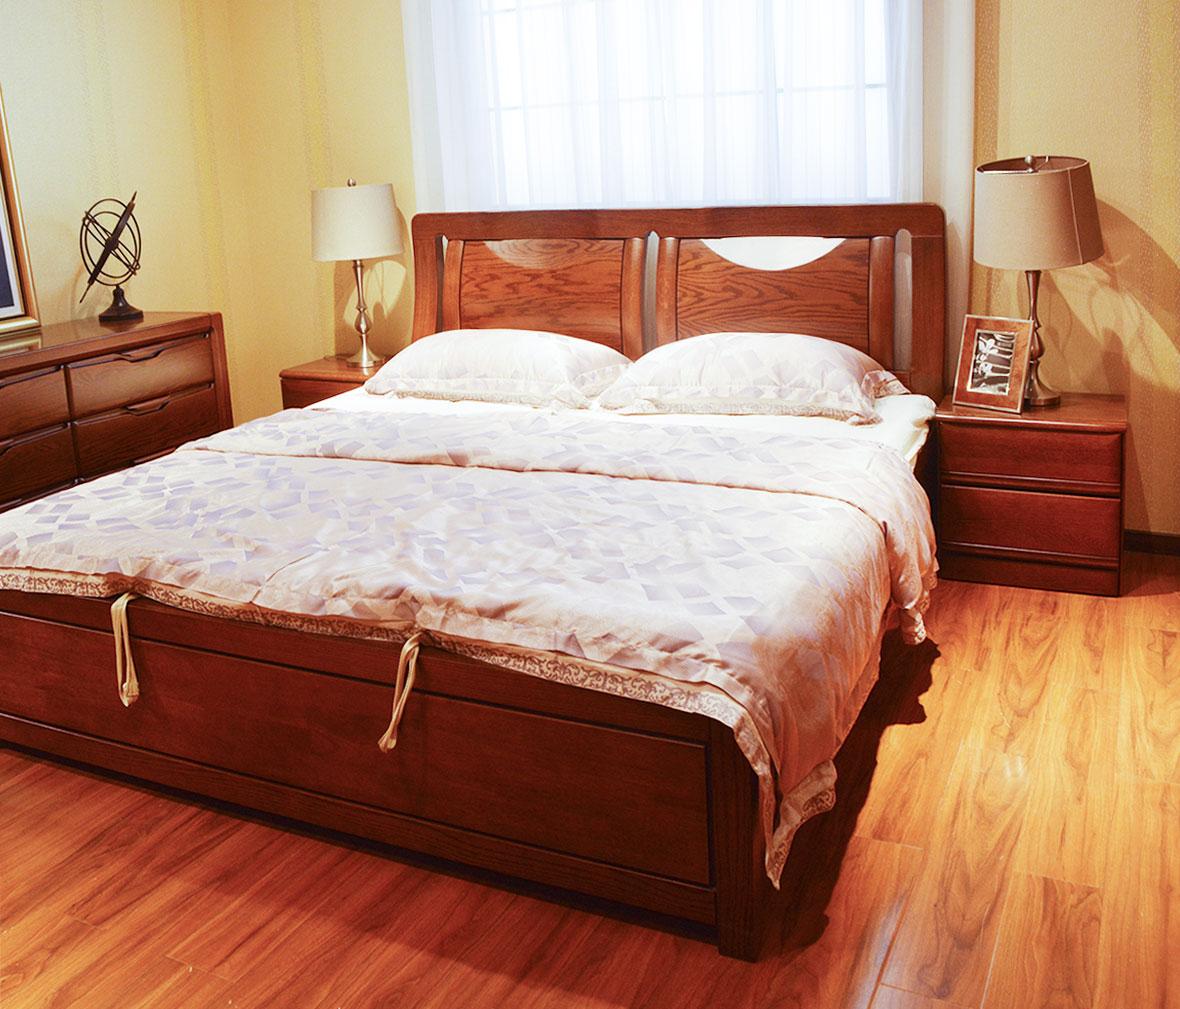 绿芝岛家具 9001#现代中式实木床头柜 北美红橡木储物床头柜